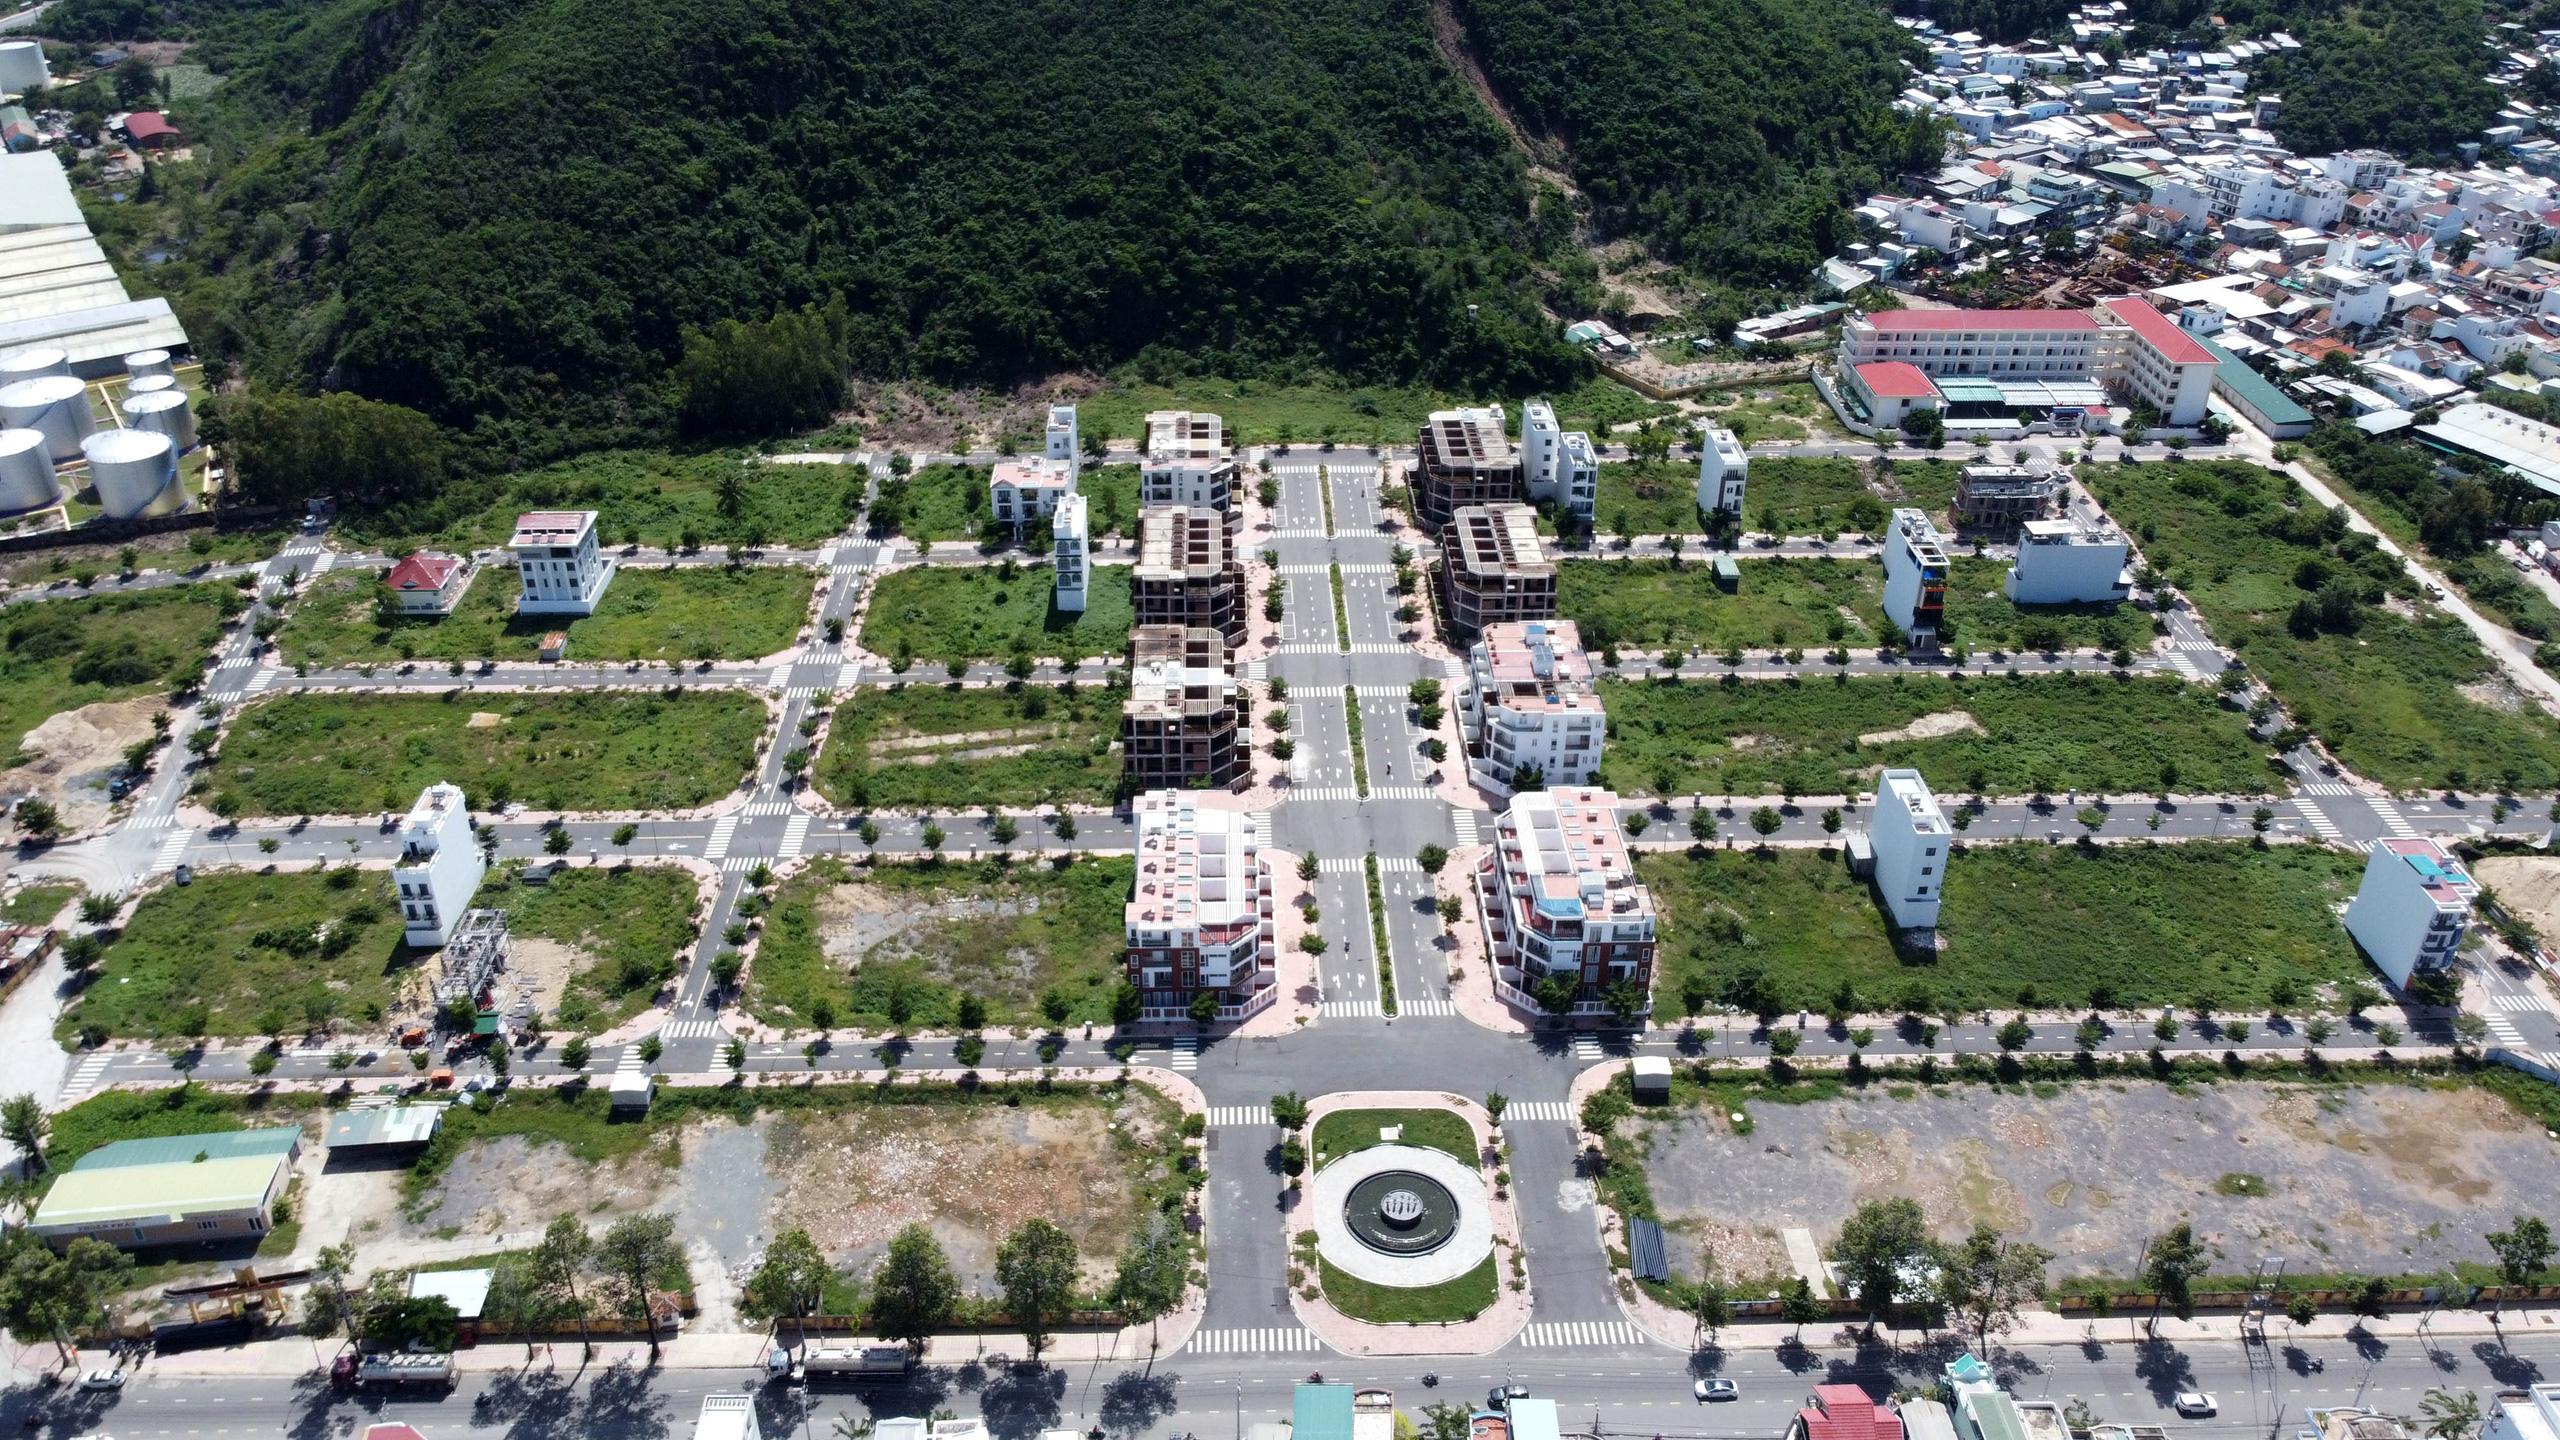 Hàng loạt căn hộ bỏ hoang, vắng chủ tại KĐT Mipeco - Nha Trang - Ảnh 1.